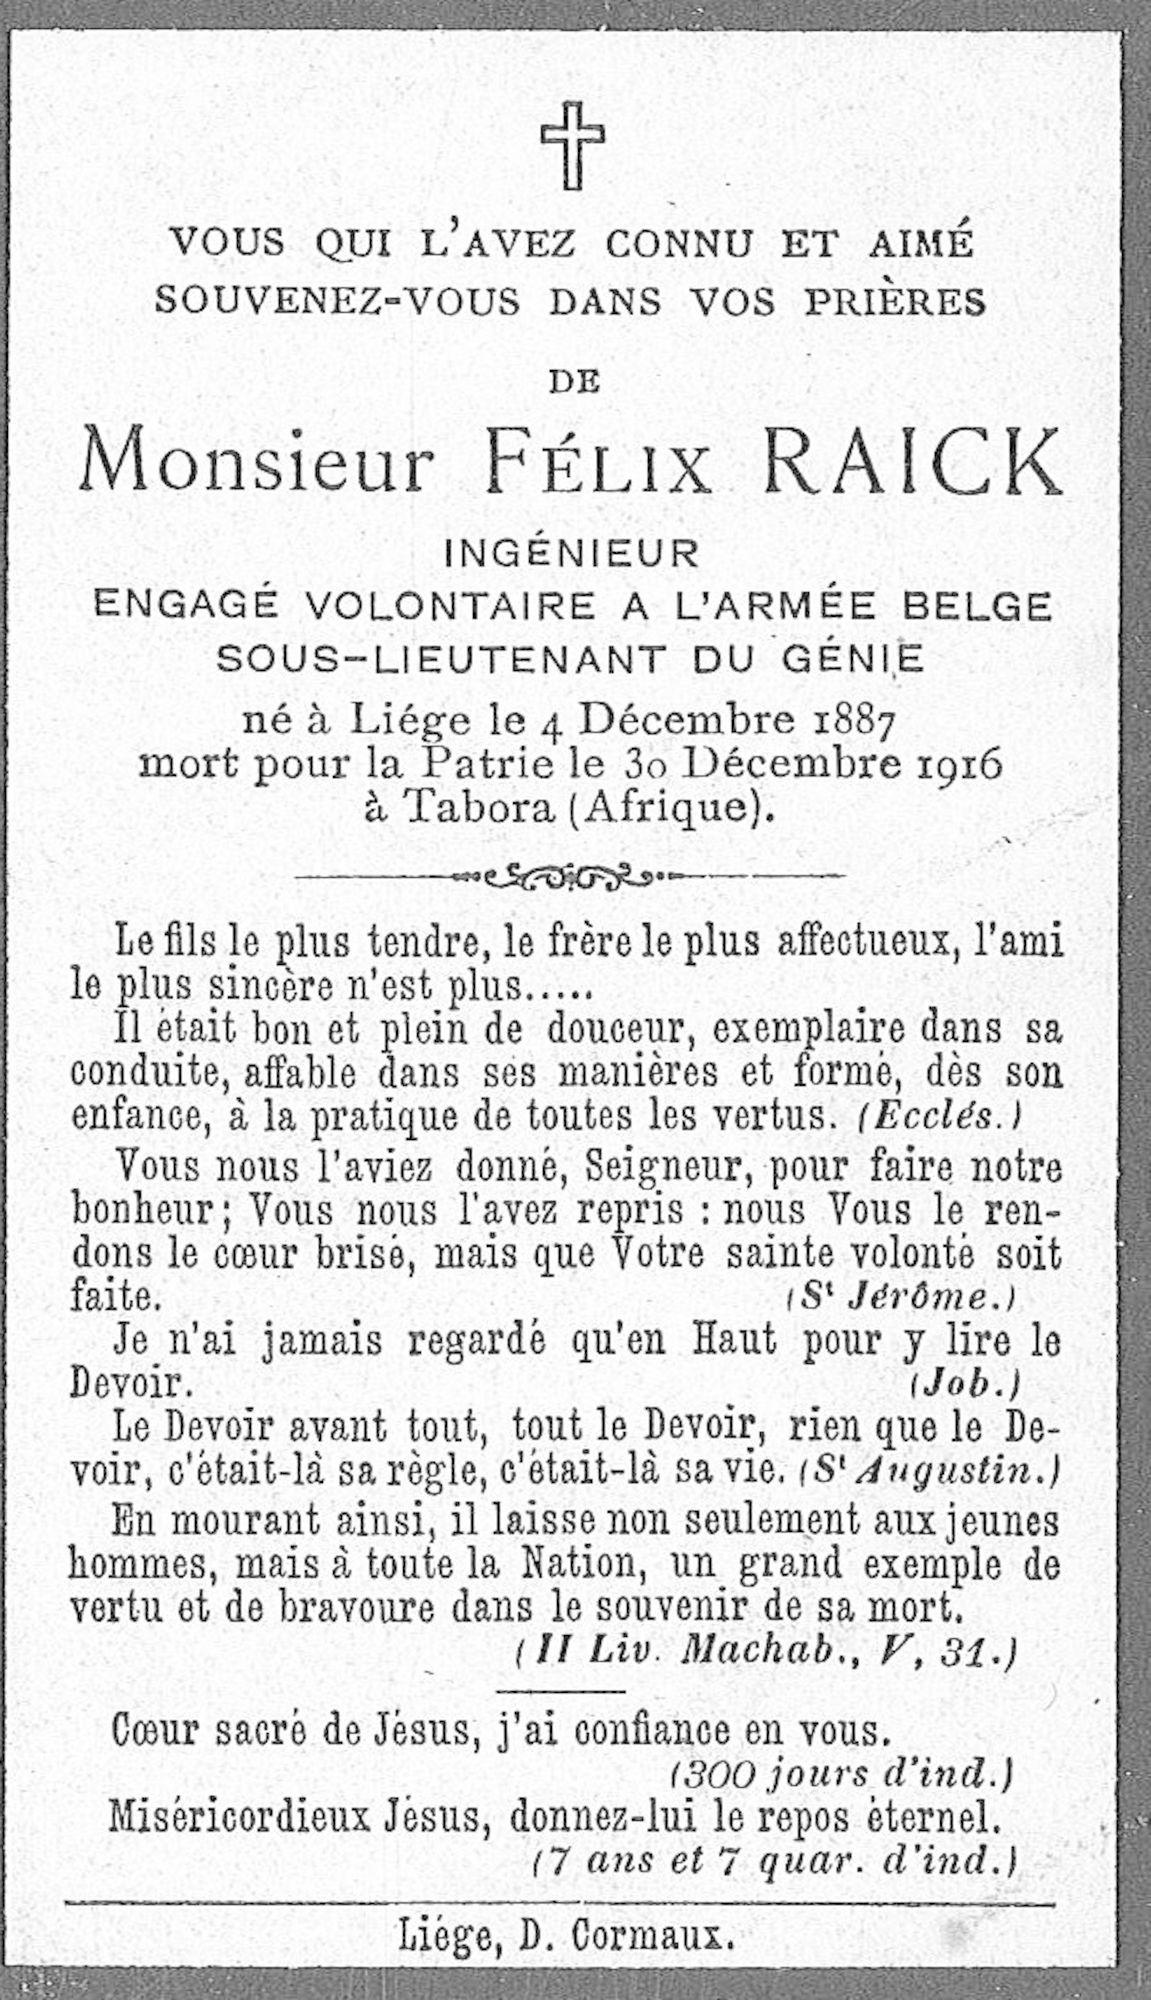 Raick Félix